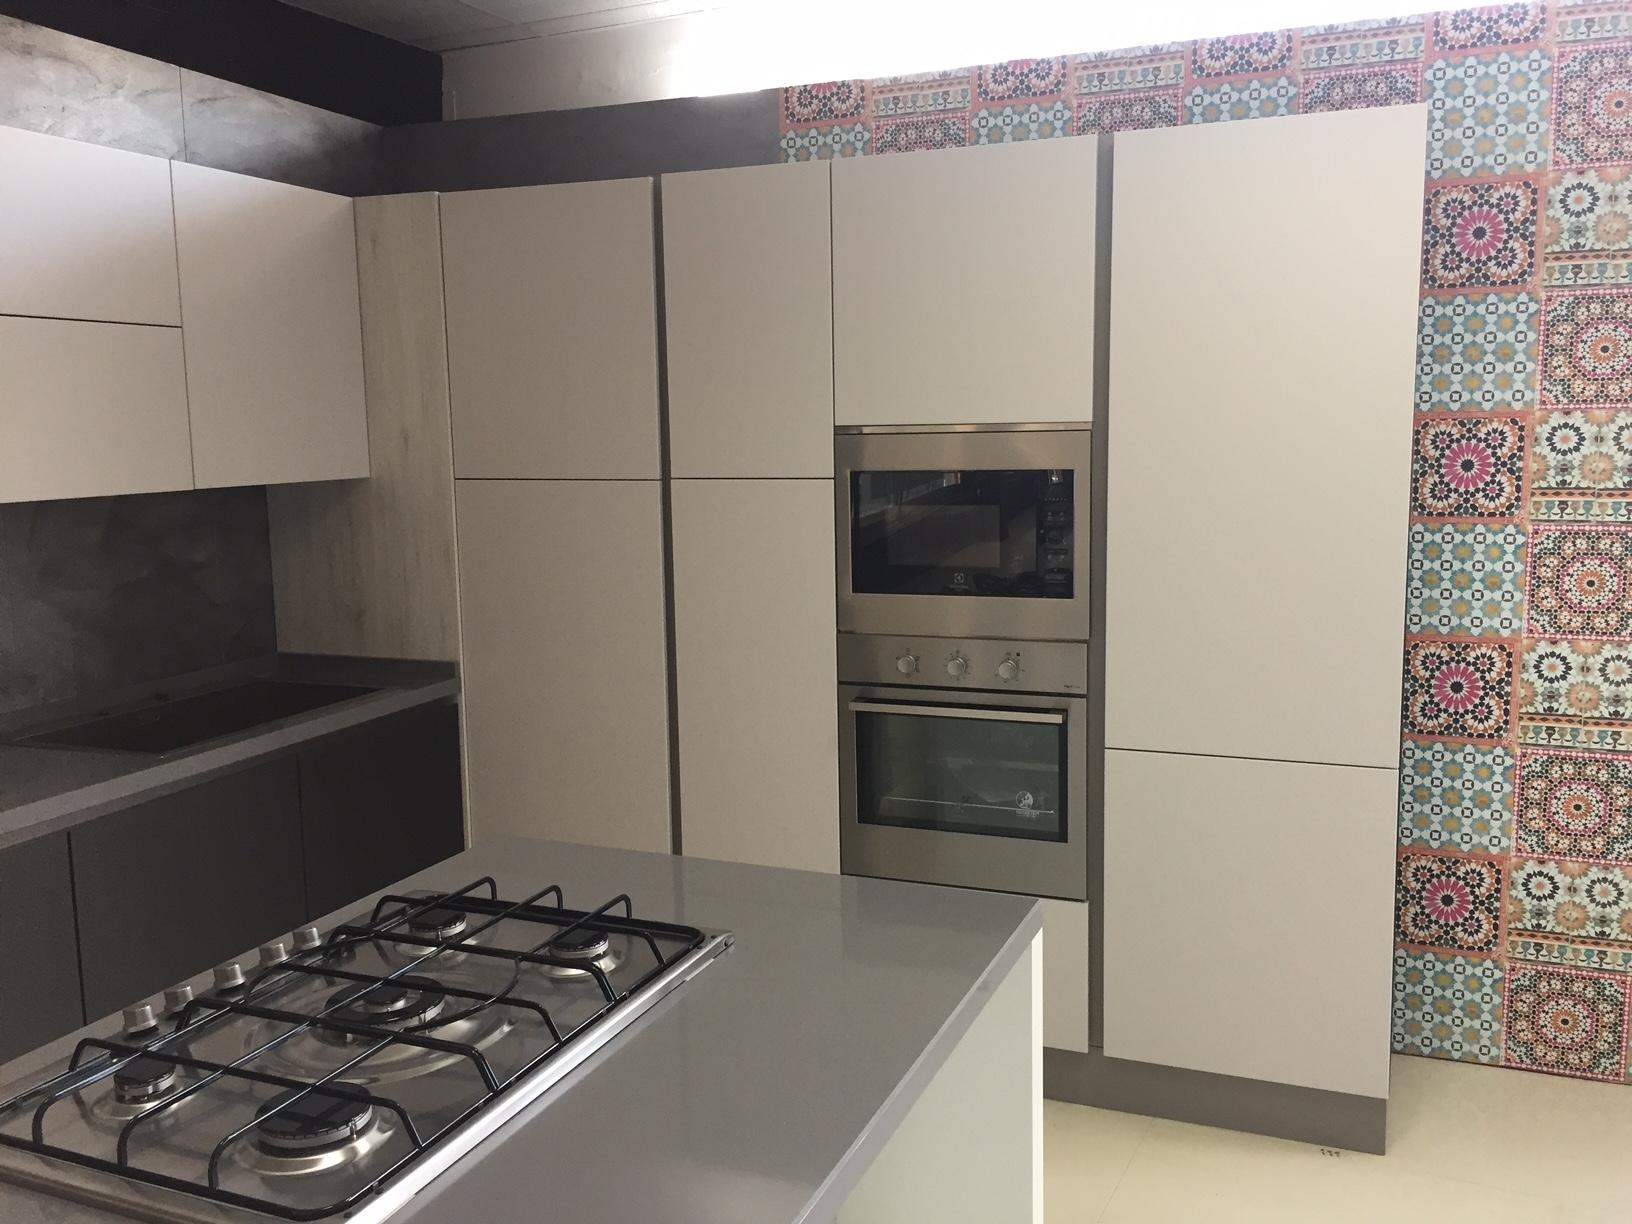 Cucina ad angolo astra cucine scontato del 53 cucine - Cucine astra prezzi ...